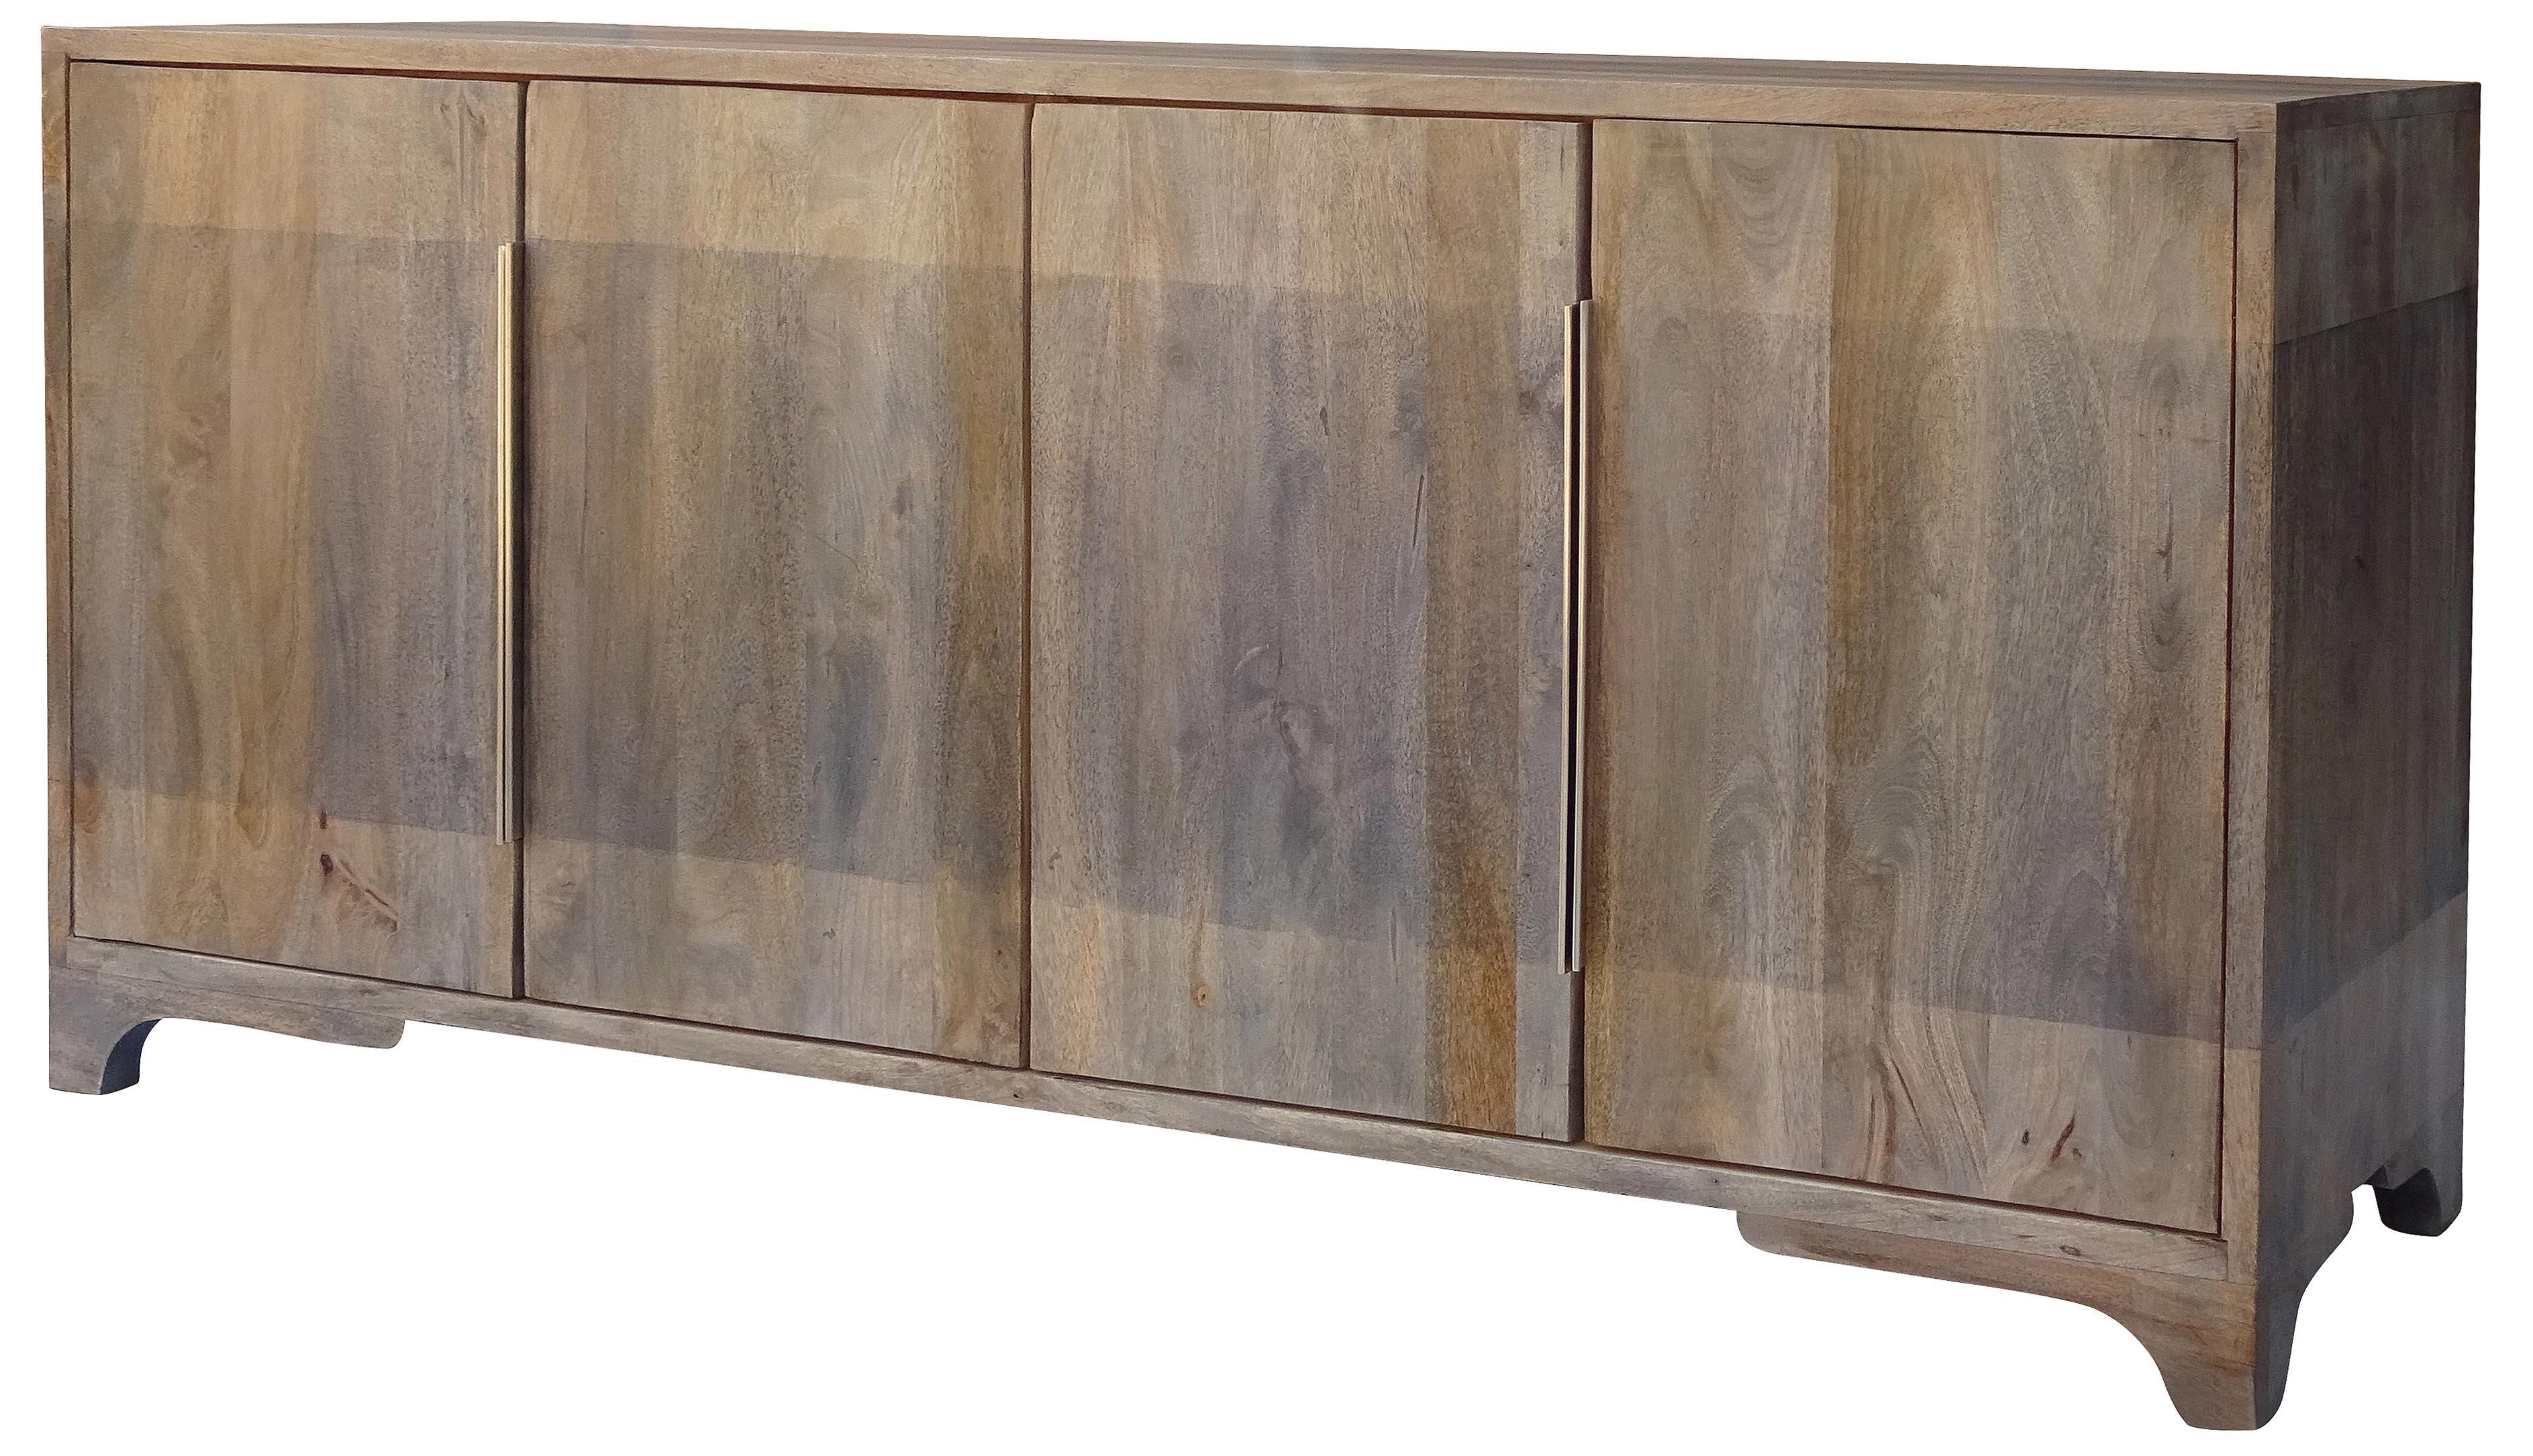 Nia Sideboard With Regard To Most Popular Steinhatchee Reclaimed Pine 4 Door Sideboards (#15 of 20)